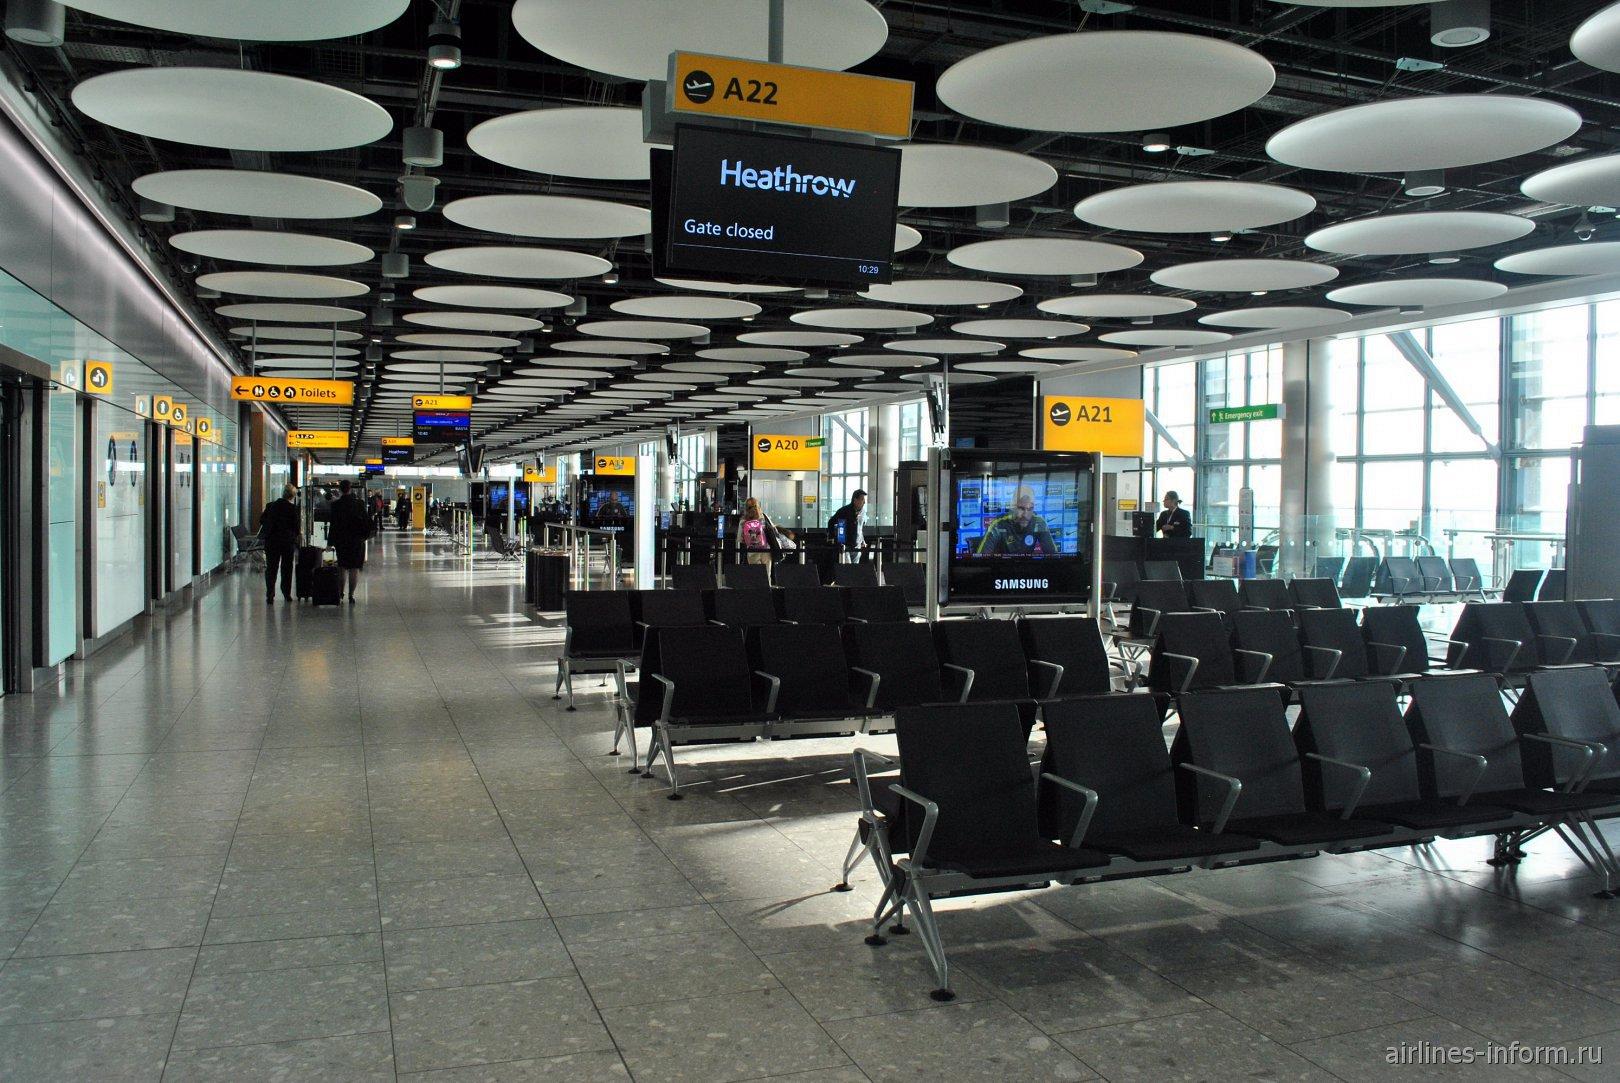 Выходы на посадку в терминале Т5А аэропорта Лондон Хитроу